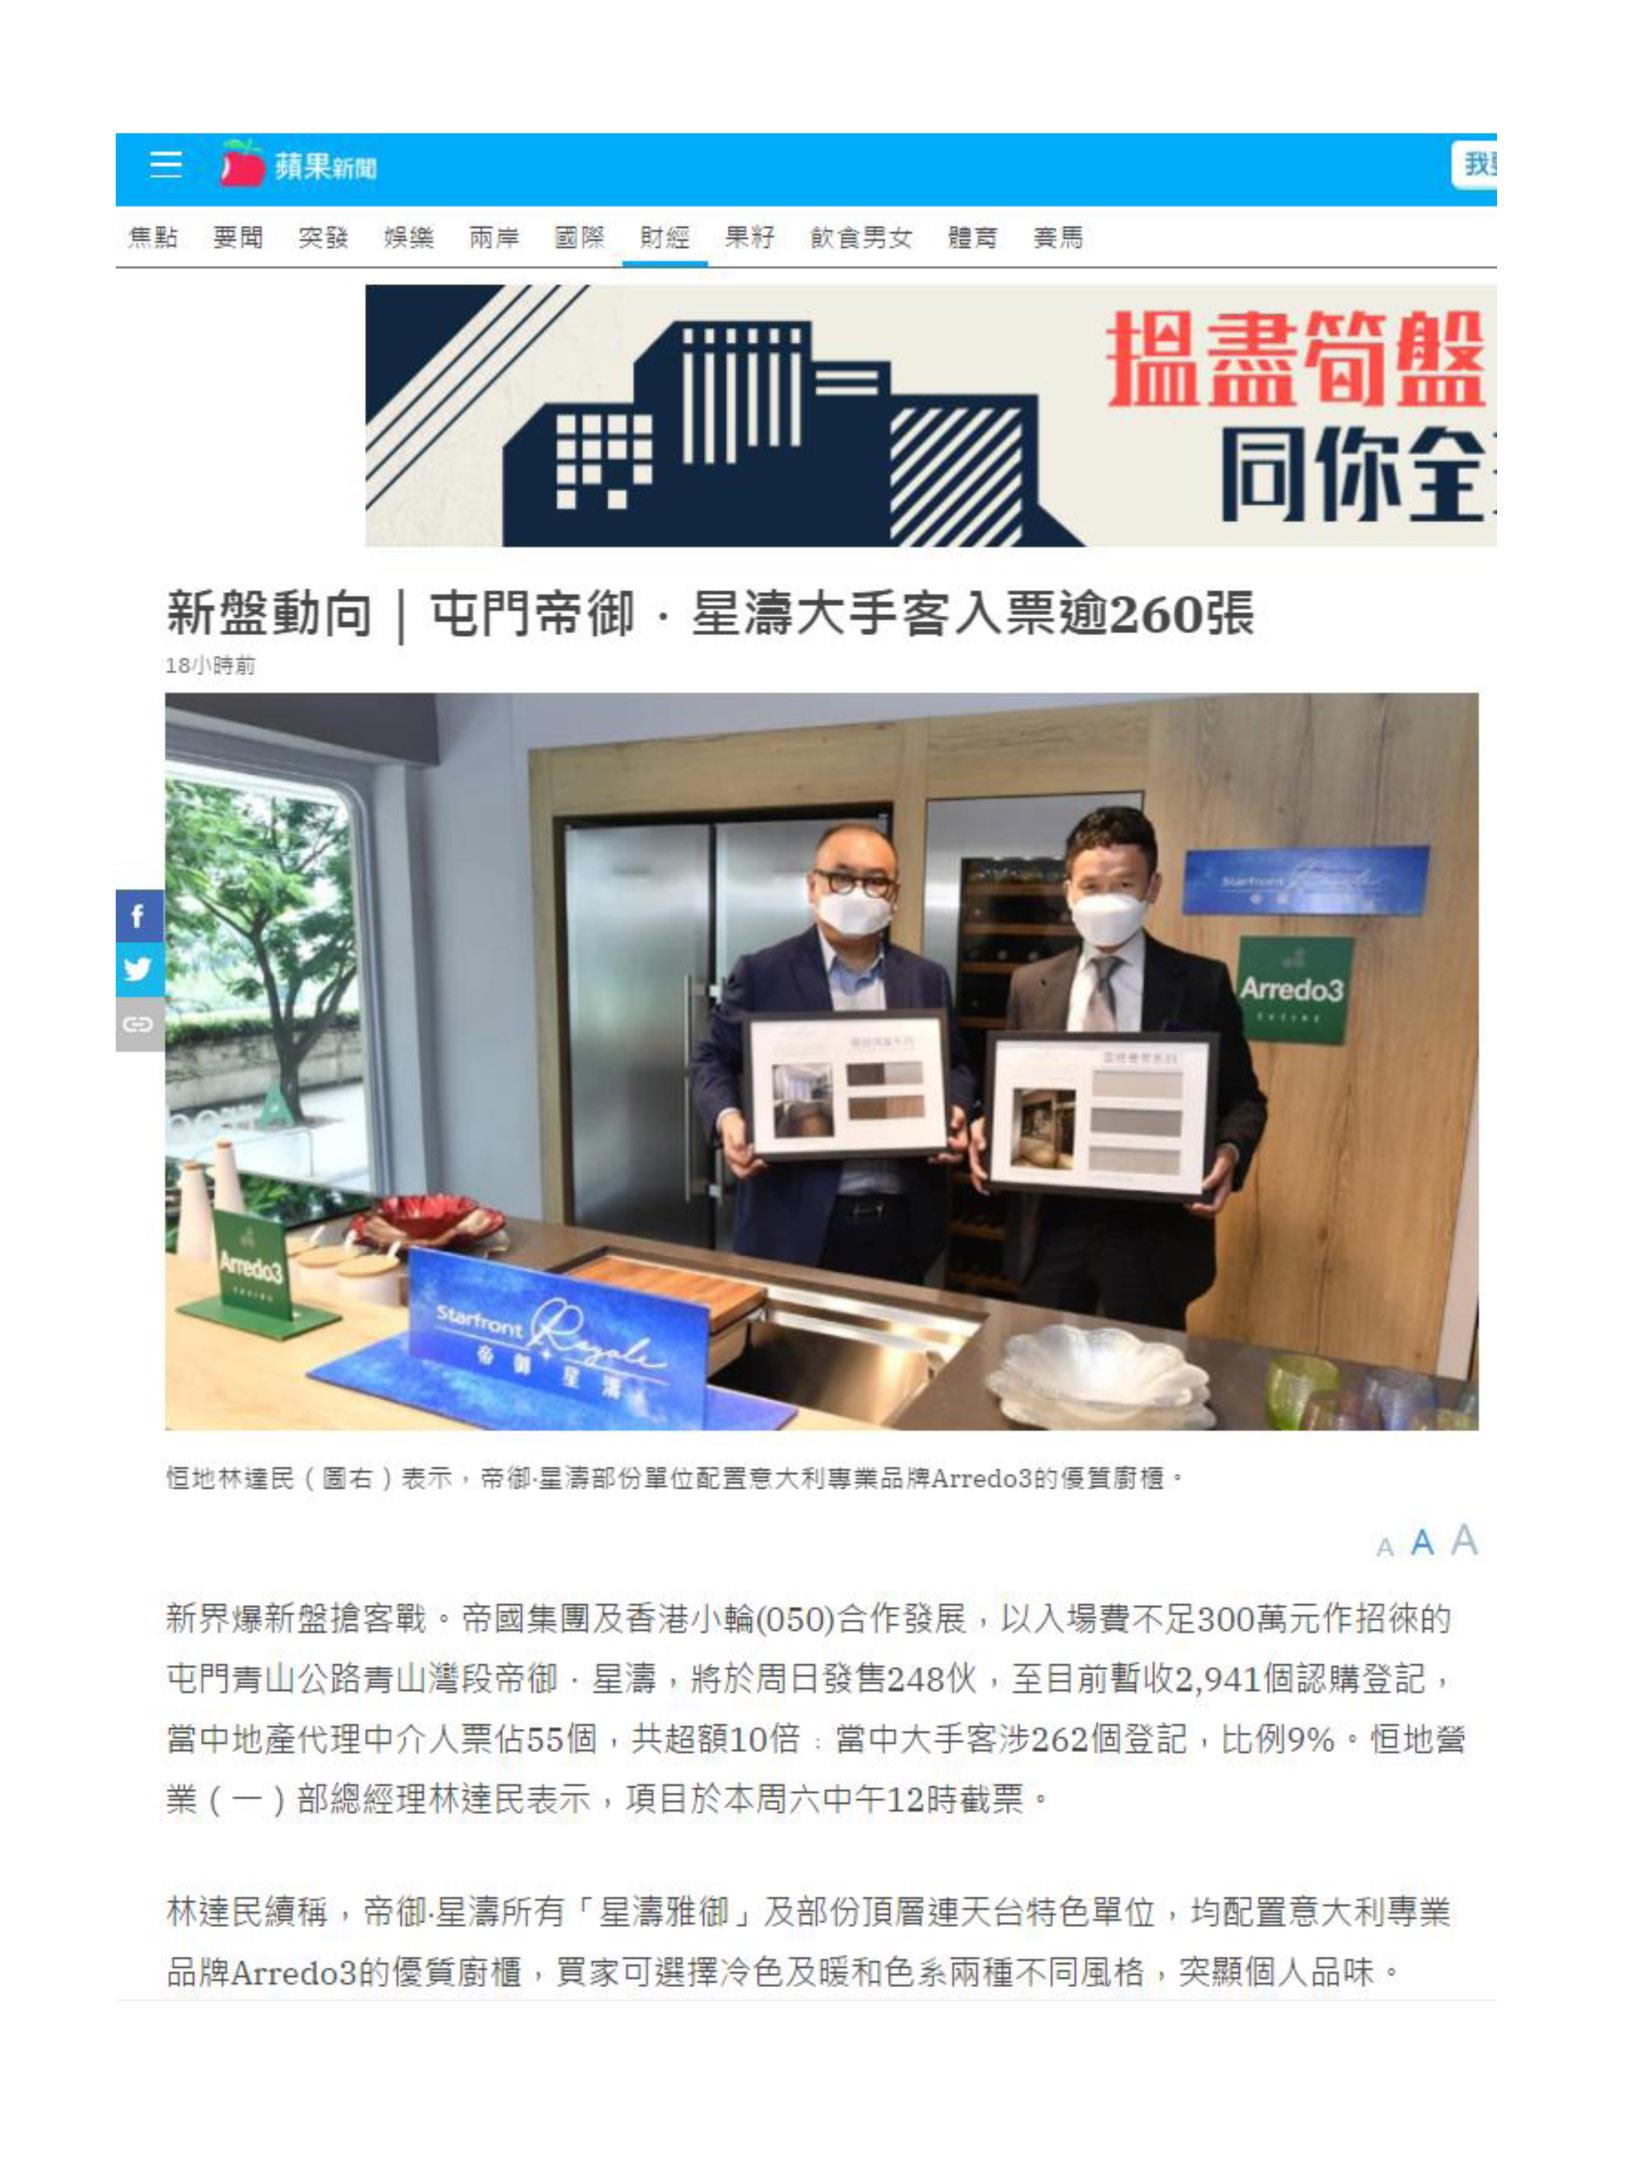 202010 Apple Daily (A3KVE)